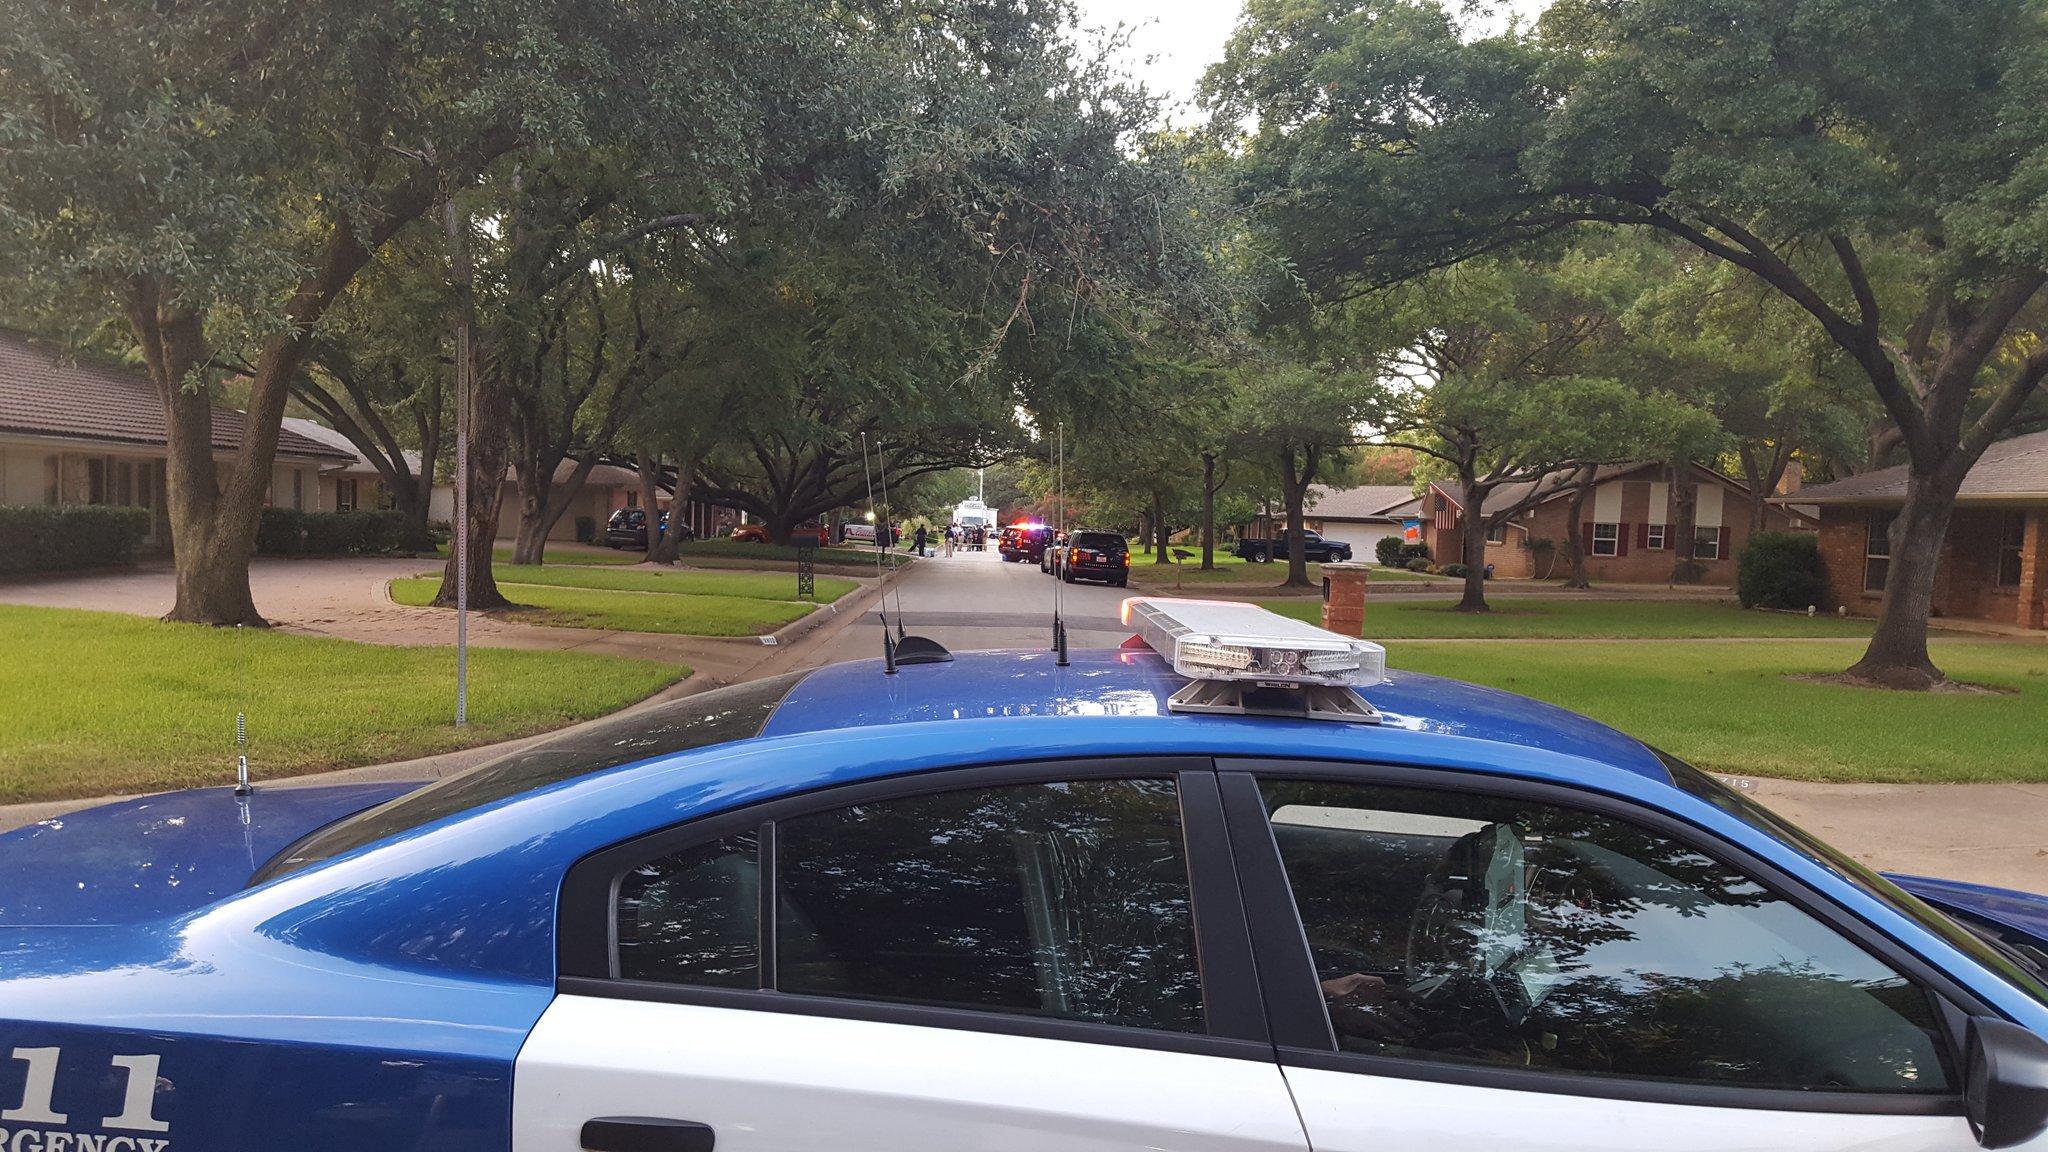 Arlington officer-involved shooting    - Garland news - NewsLocker